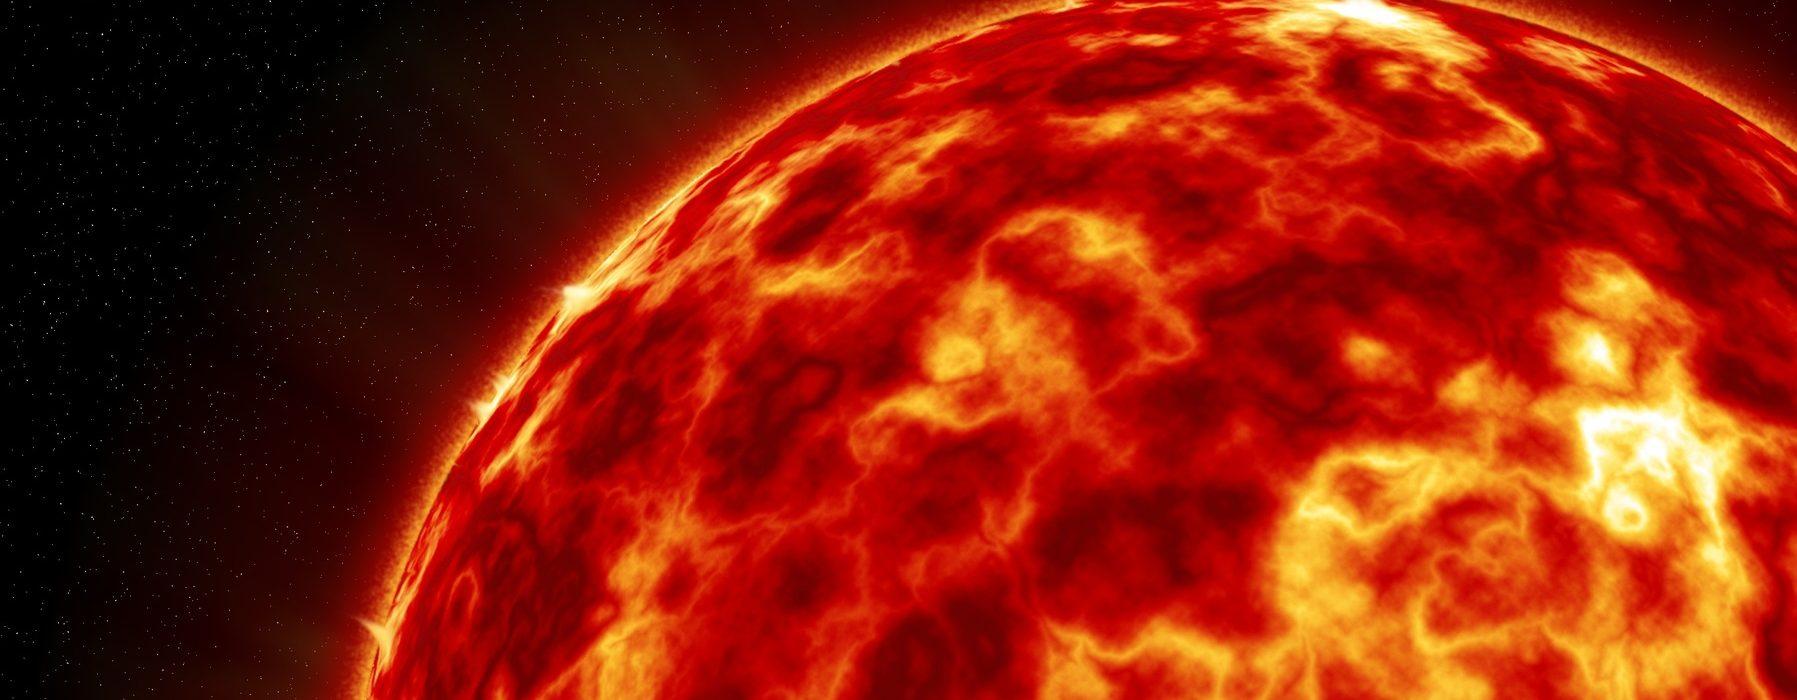 ¿Cómo es la superficie del Sol?